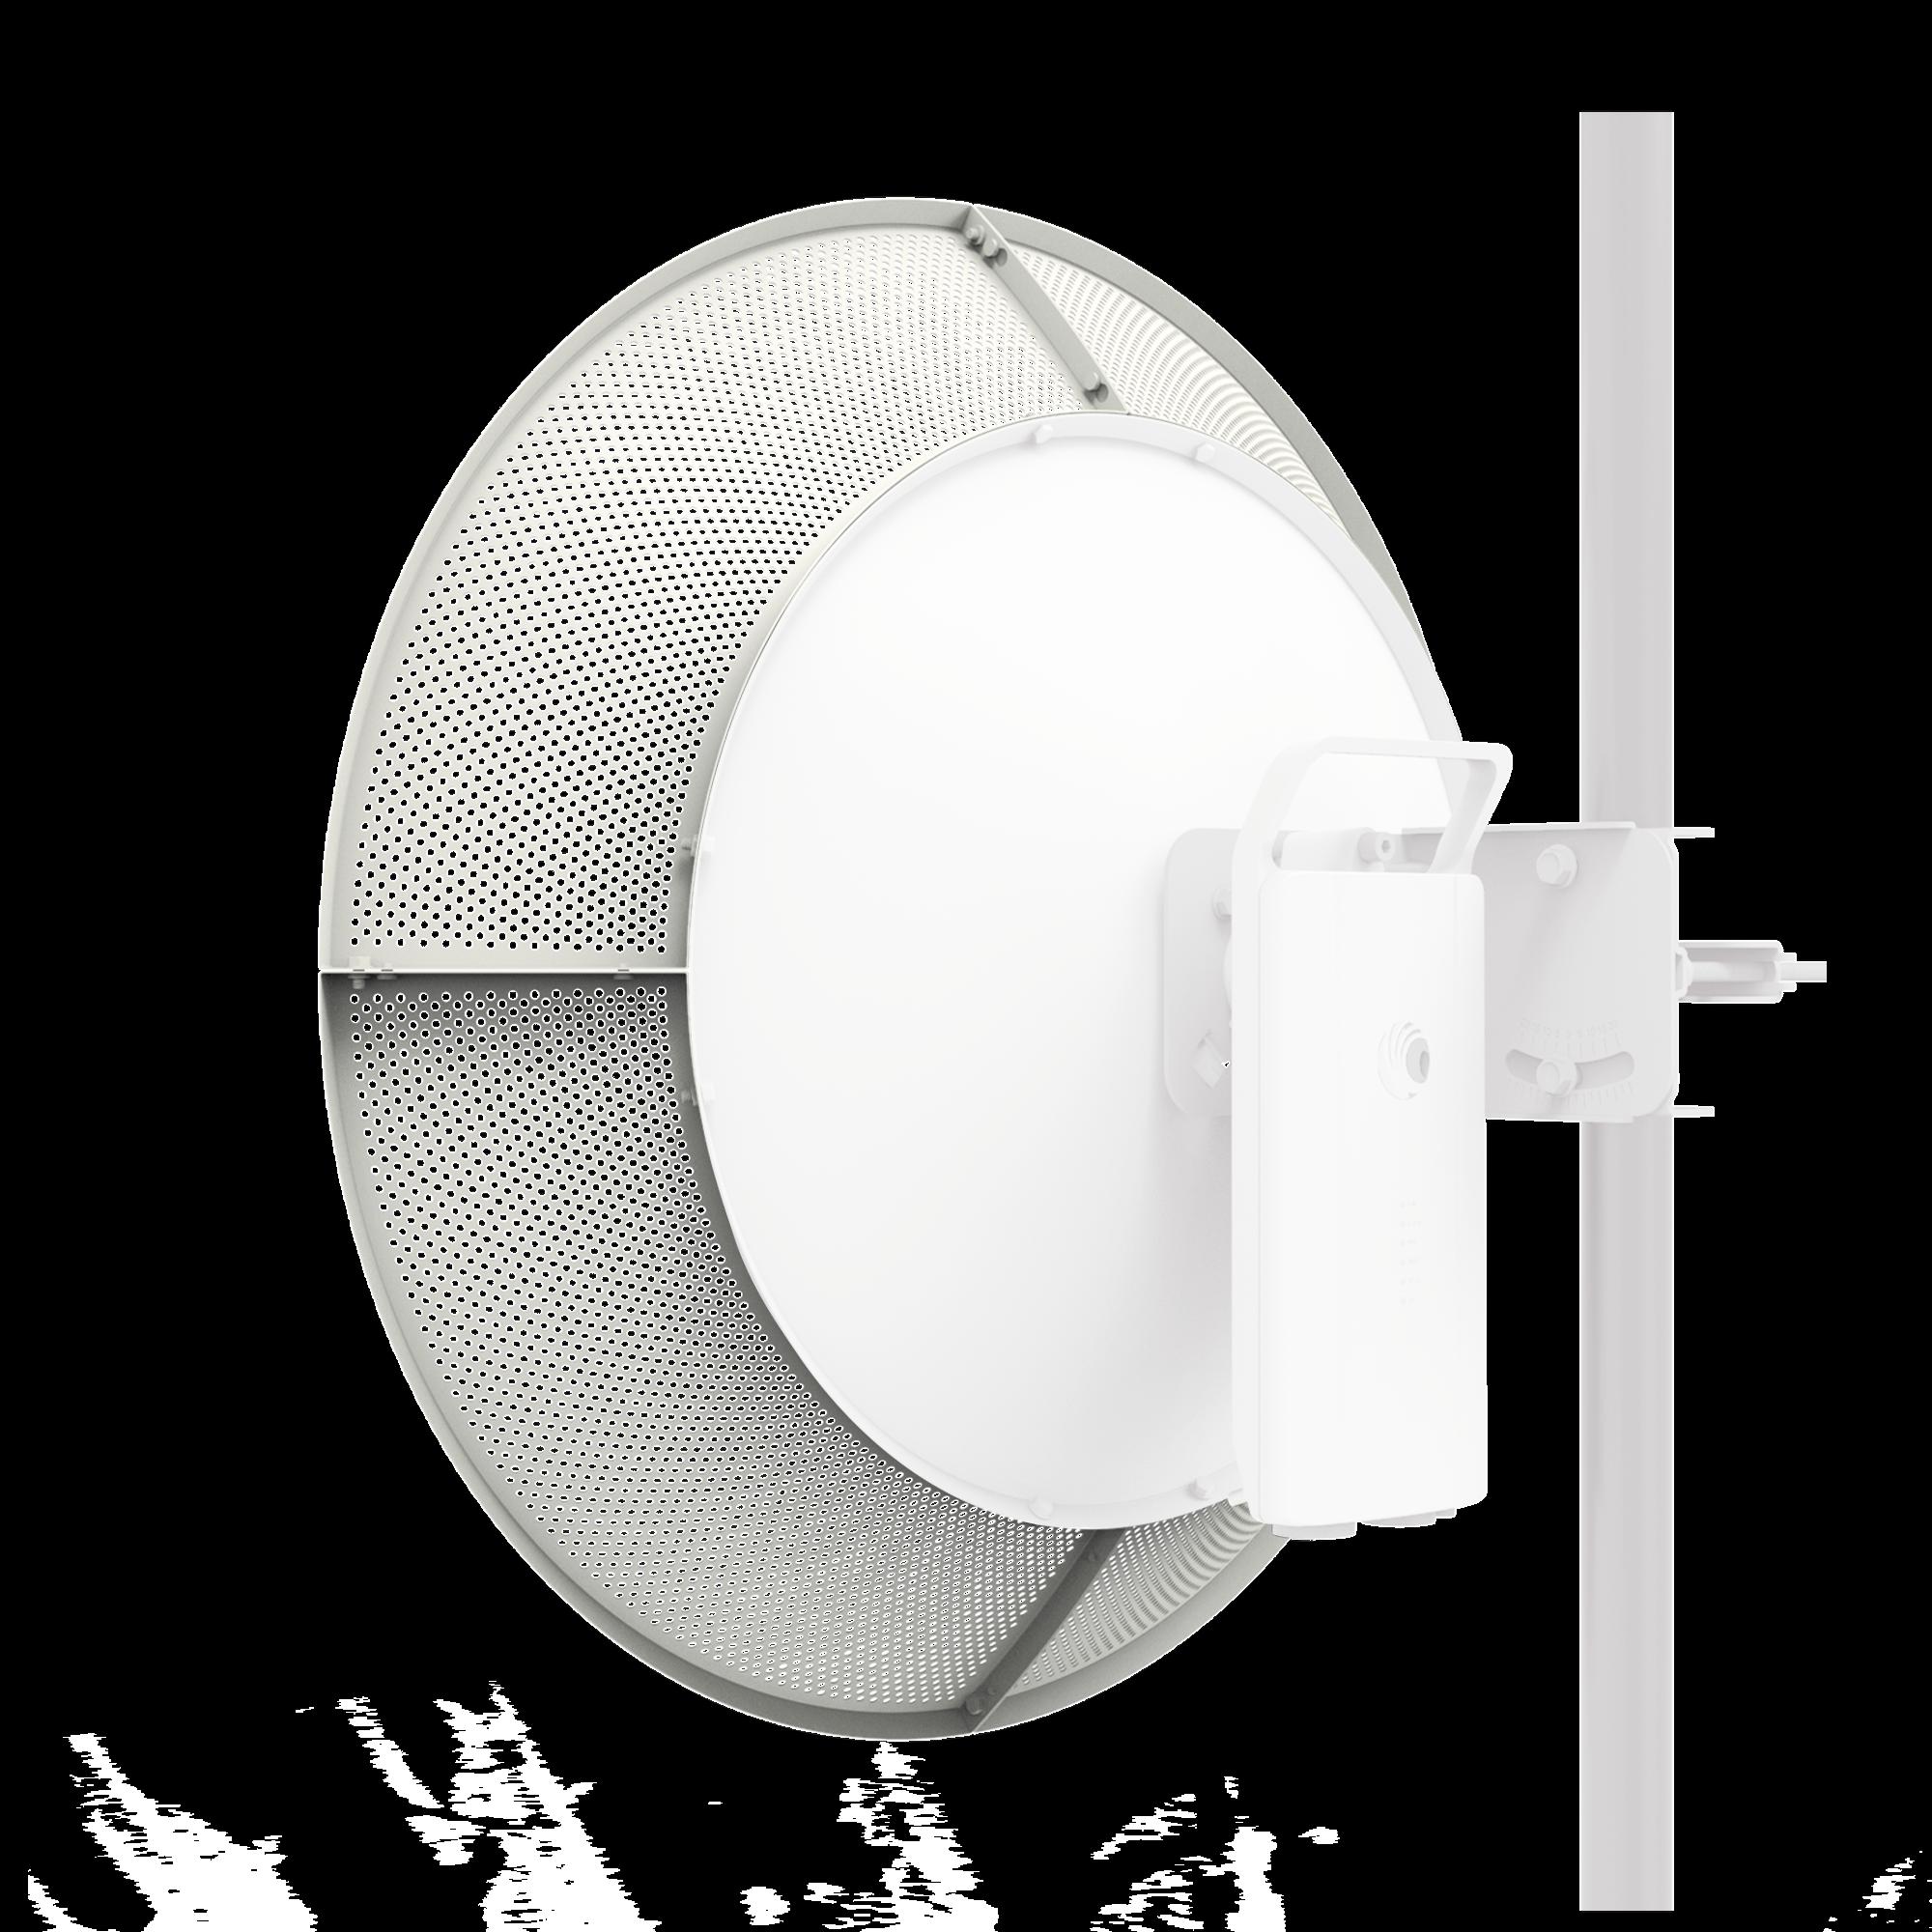 Paquete de 4 kit de extensores de ganancia para ePMP Force 425, extienda a 28 dBi